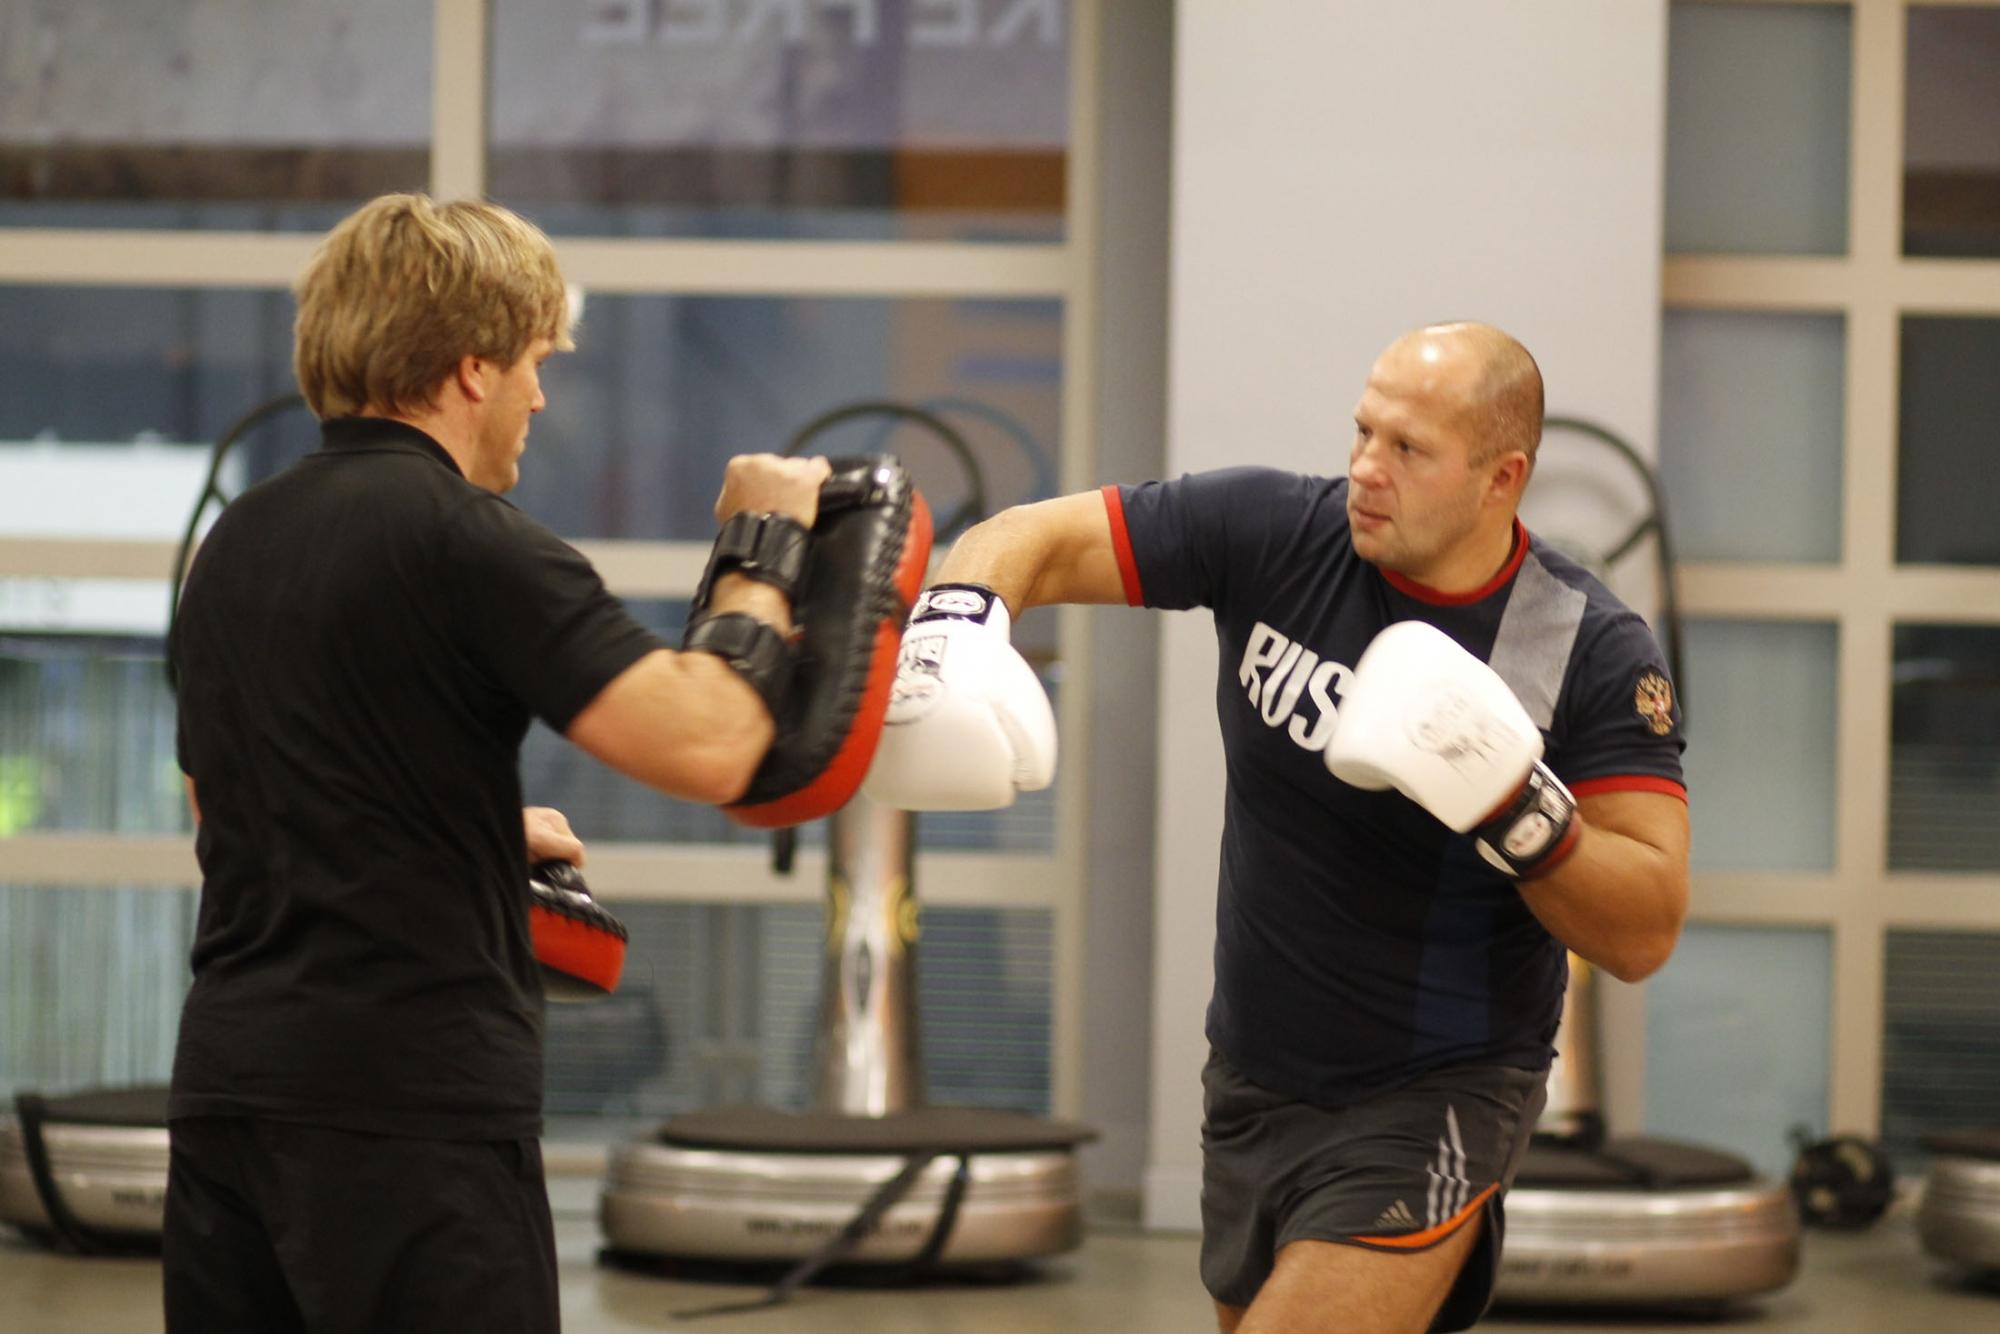 Уроки бокса для начинающих в домашних условиях 72